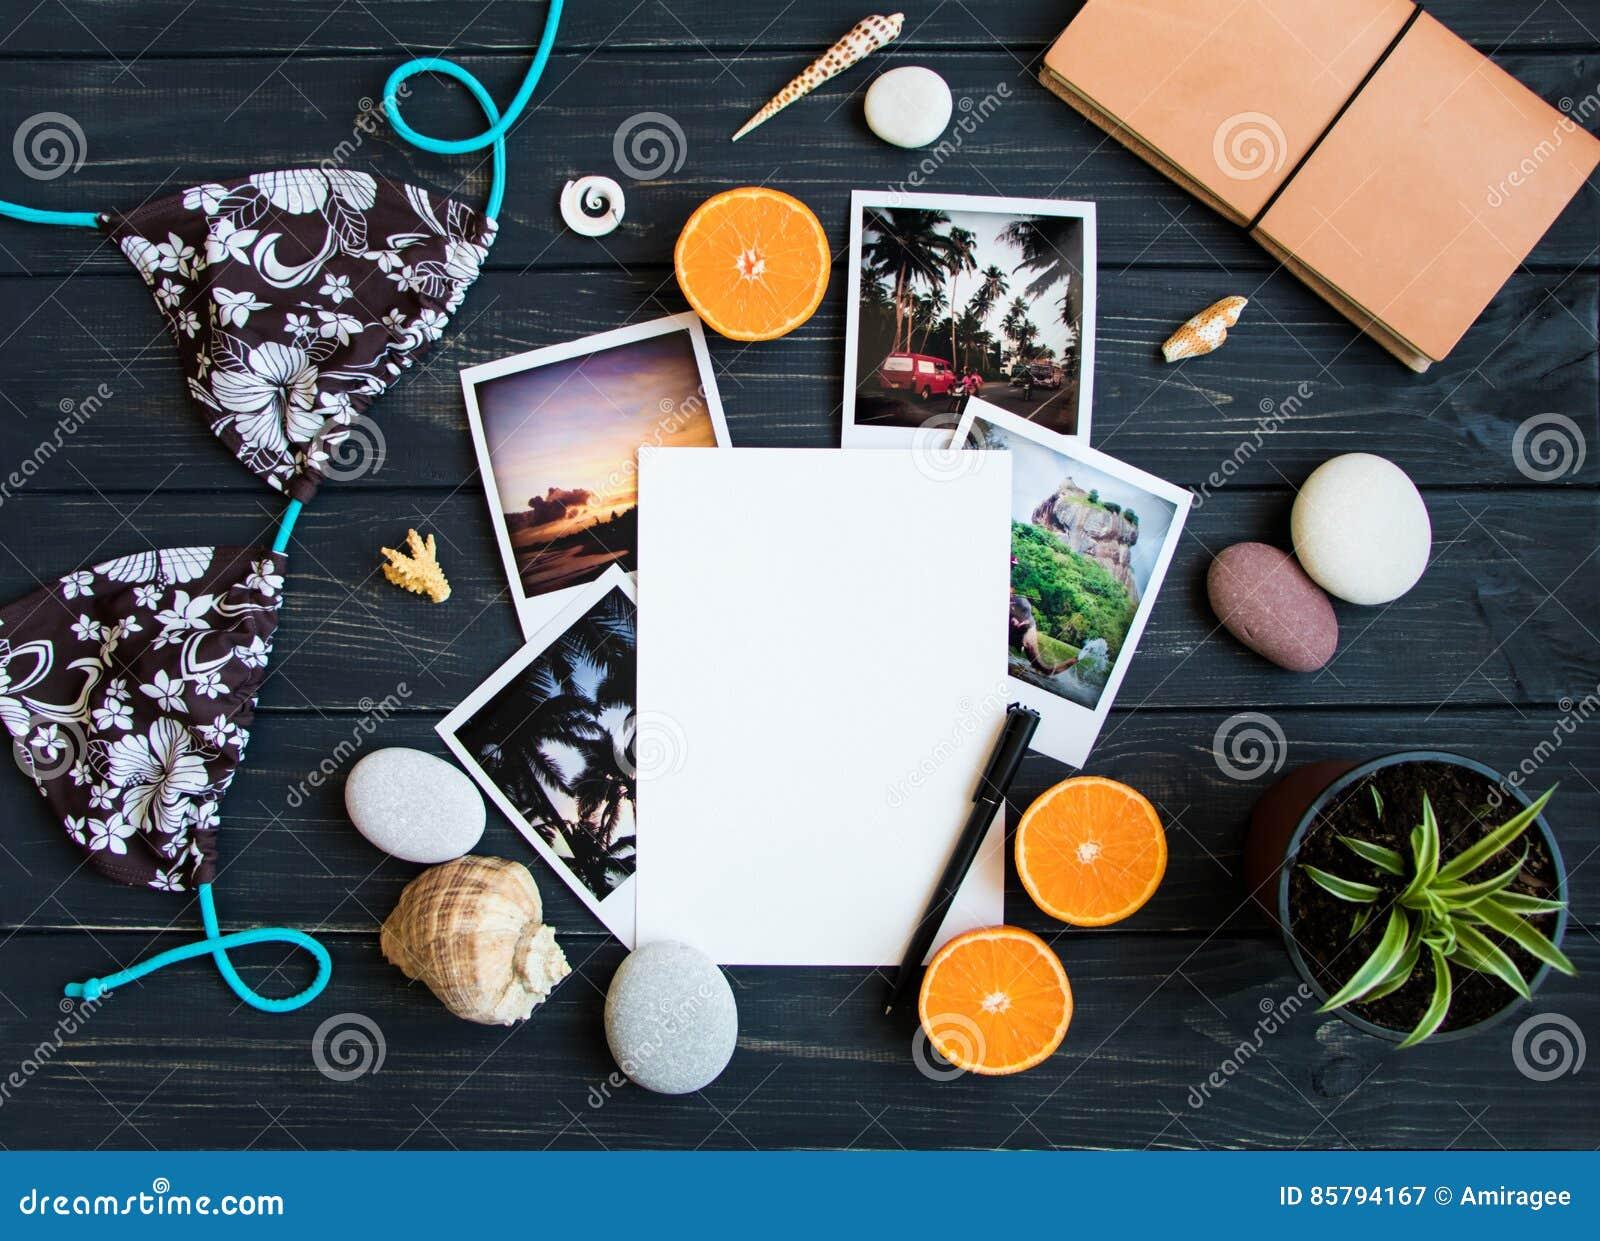 Στοιχεία διακοπών: φωτογραφίες, πέτρες, θαλασσινά κοχύλια, φρούτα, φωτογραφία ταξιδιού Επίπεδος βάλτε, τοπ άποψη